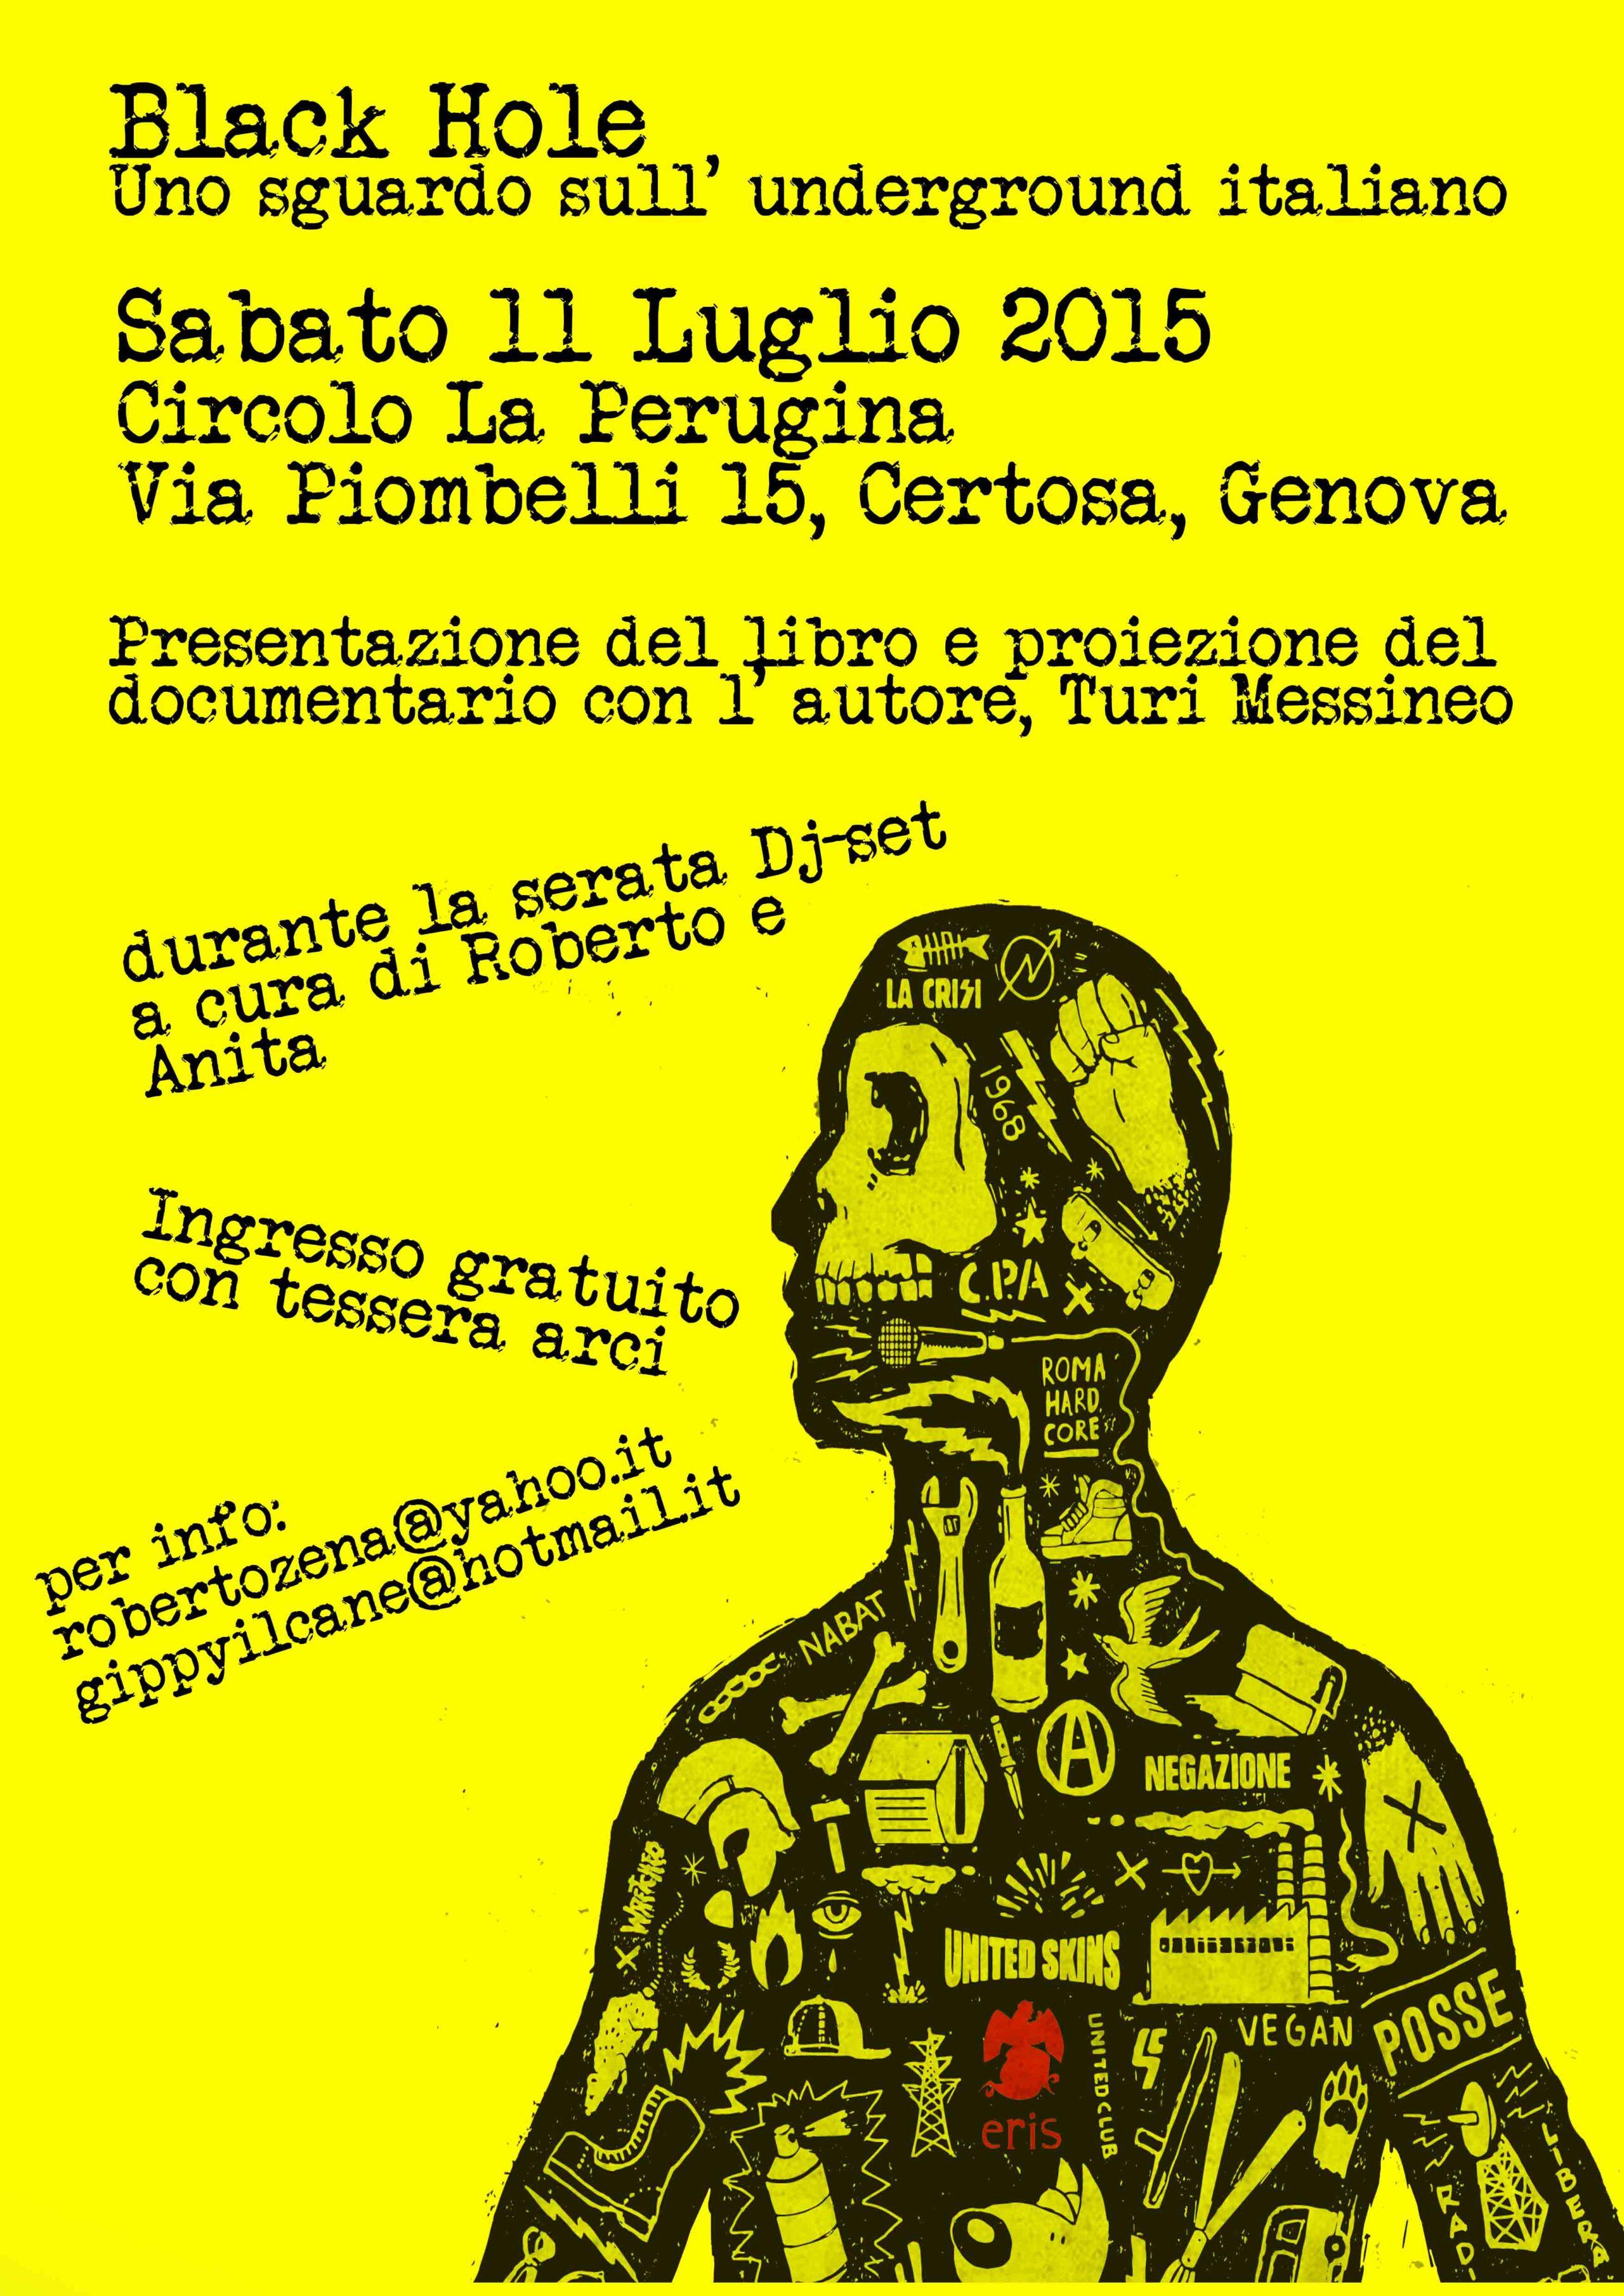 Black Hole: Uno Sguardo Sull'Underground Italiano 1 - fanzine